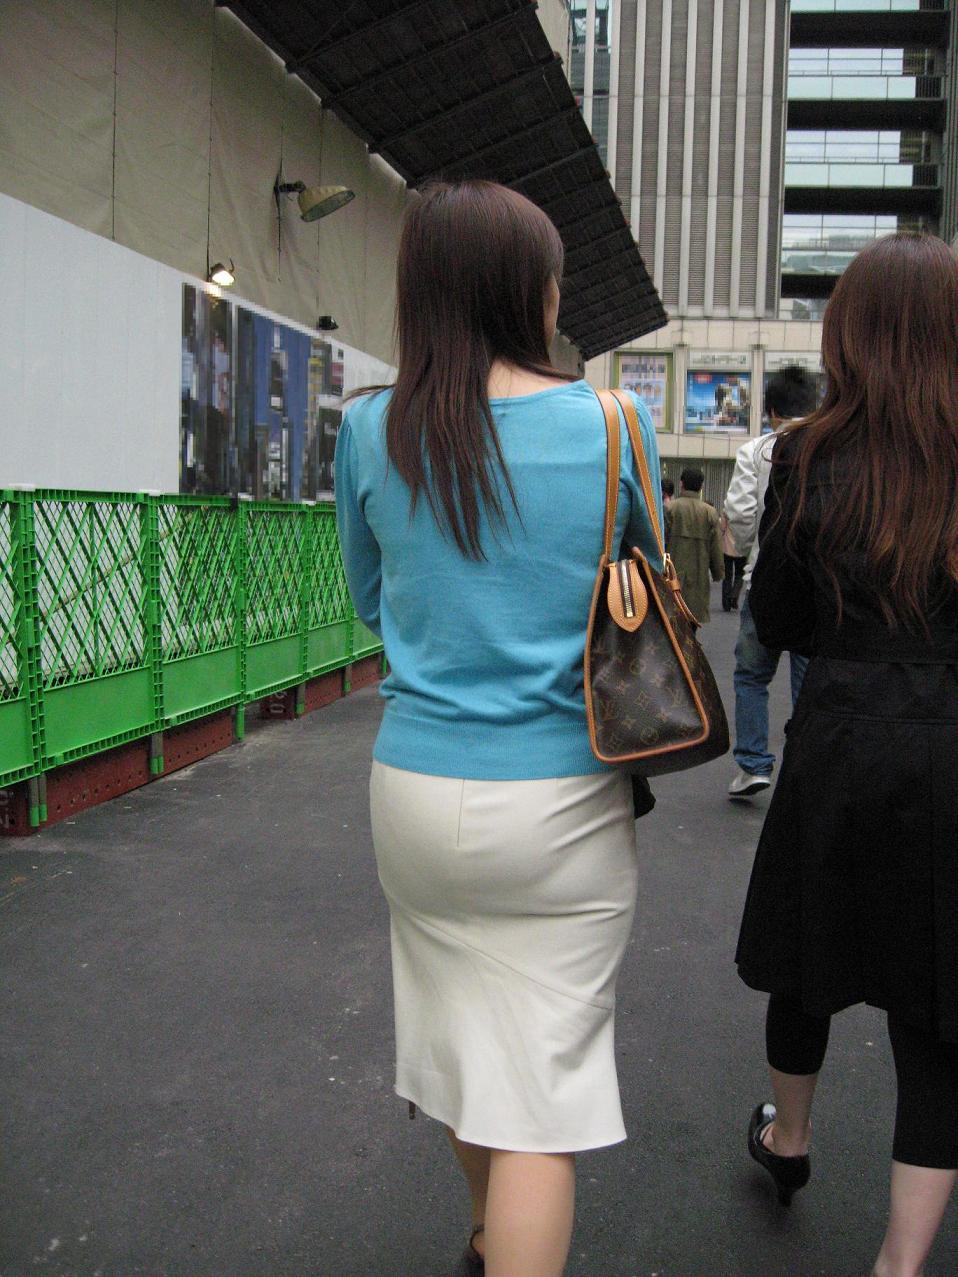 【街撮り画像】OL風お姉さんのムチムチタイトスカートとパンティーラインを追跡! 14